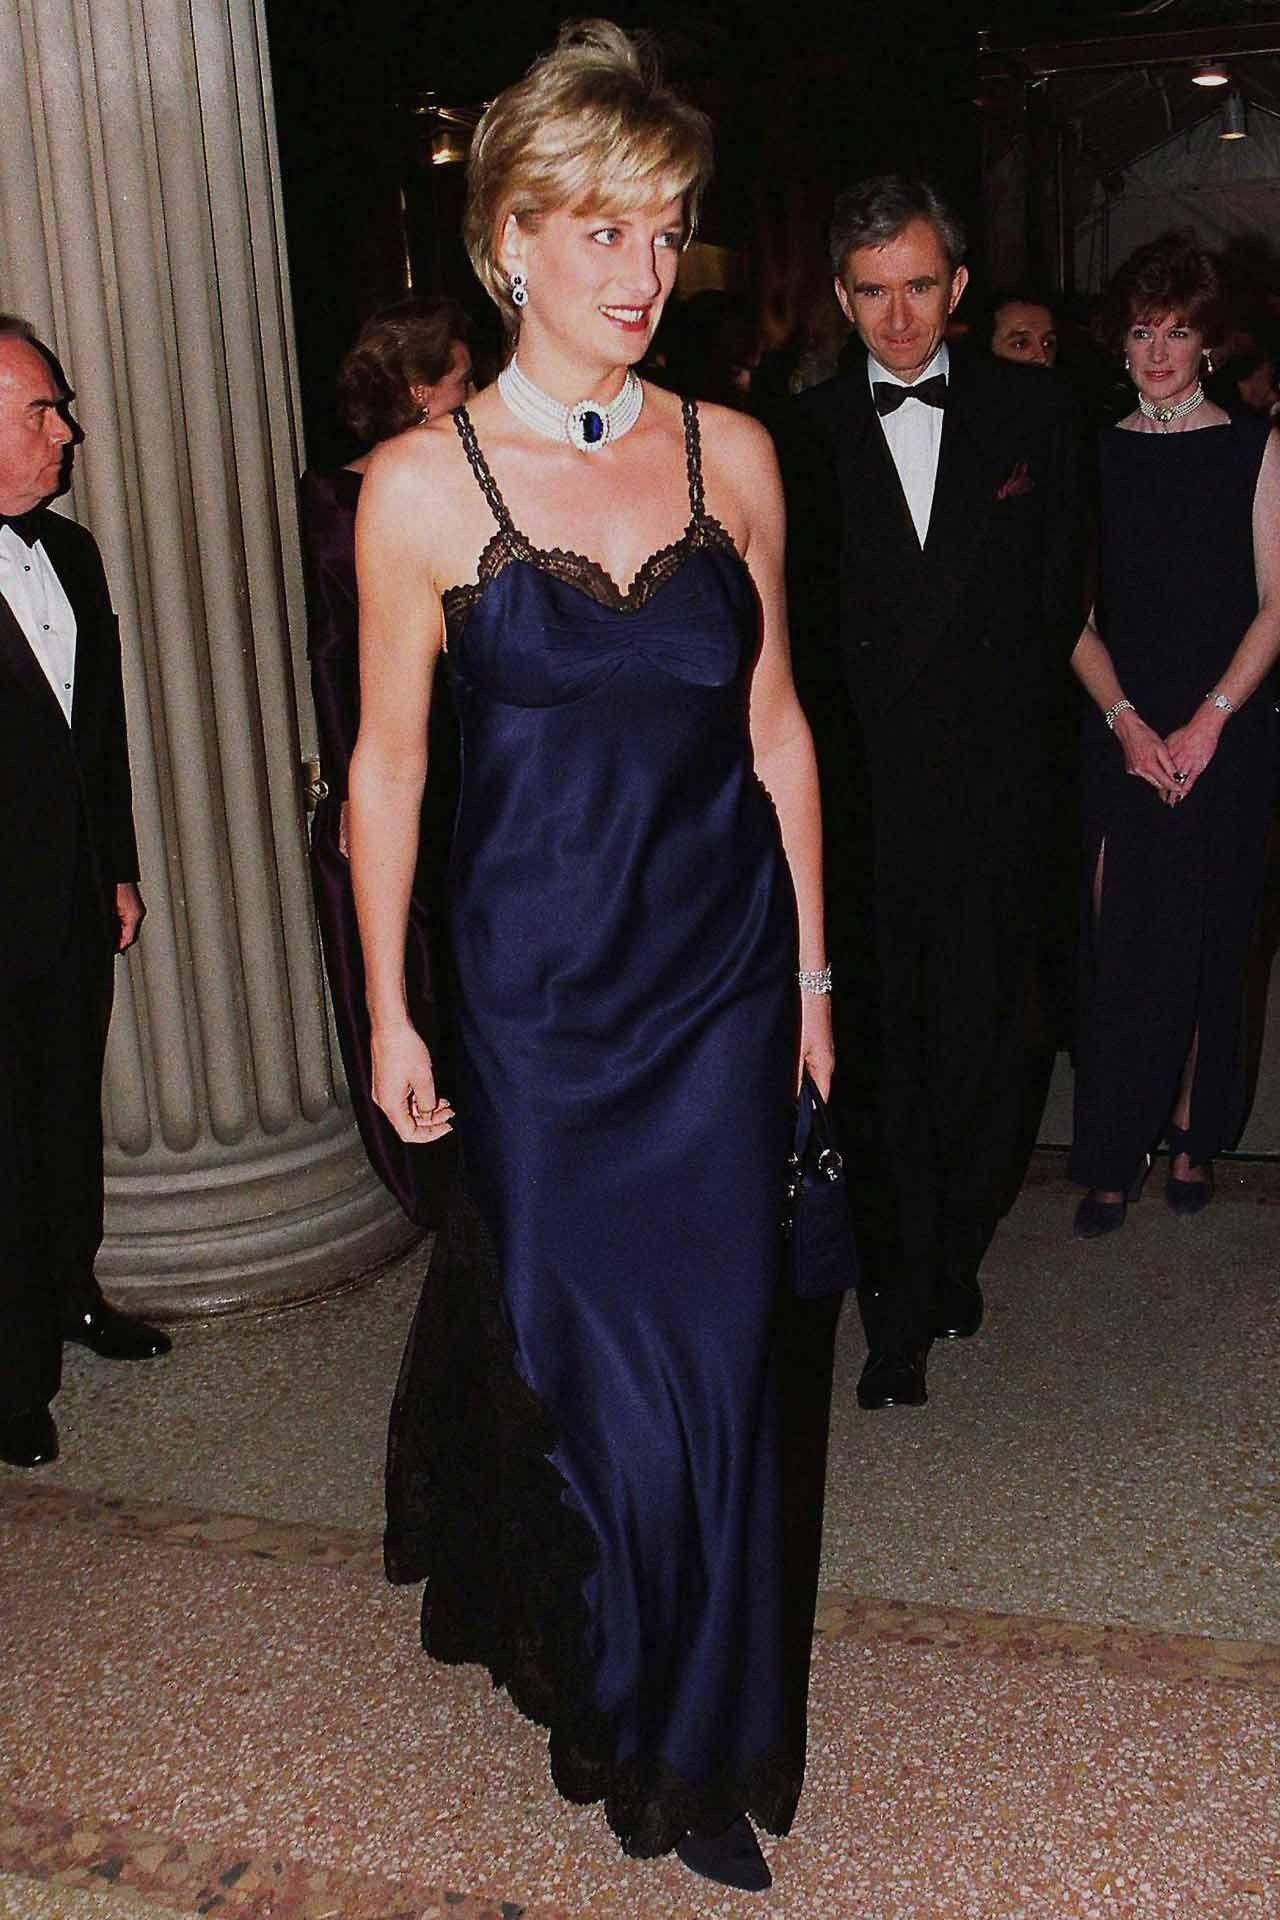 Chiếc đầm sexy nổi tiếng nhất của Công nương Diana đã suýt bị bỏ đi vì lý do chẳng ai ngờ tới, nhưng vô cùng ngọt ngào - Ảnh 1.